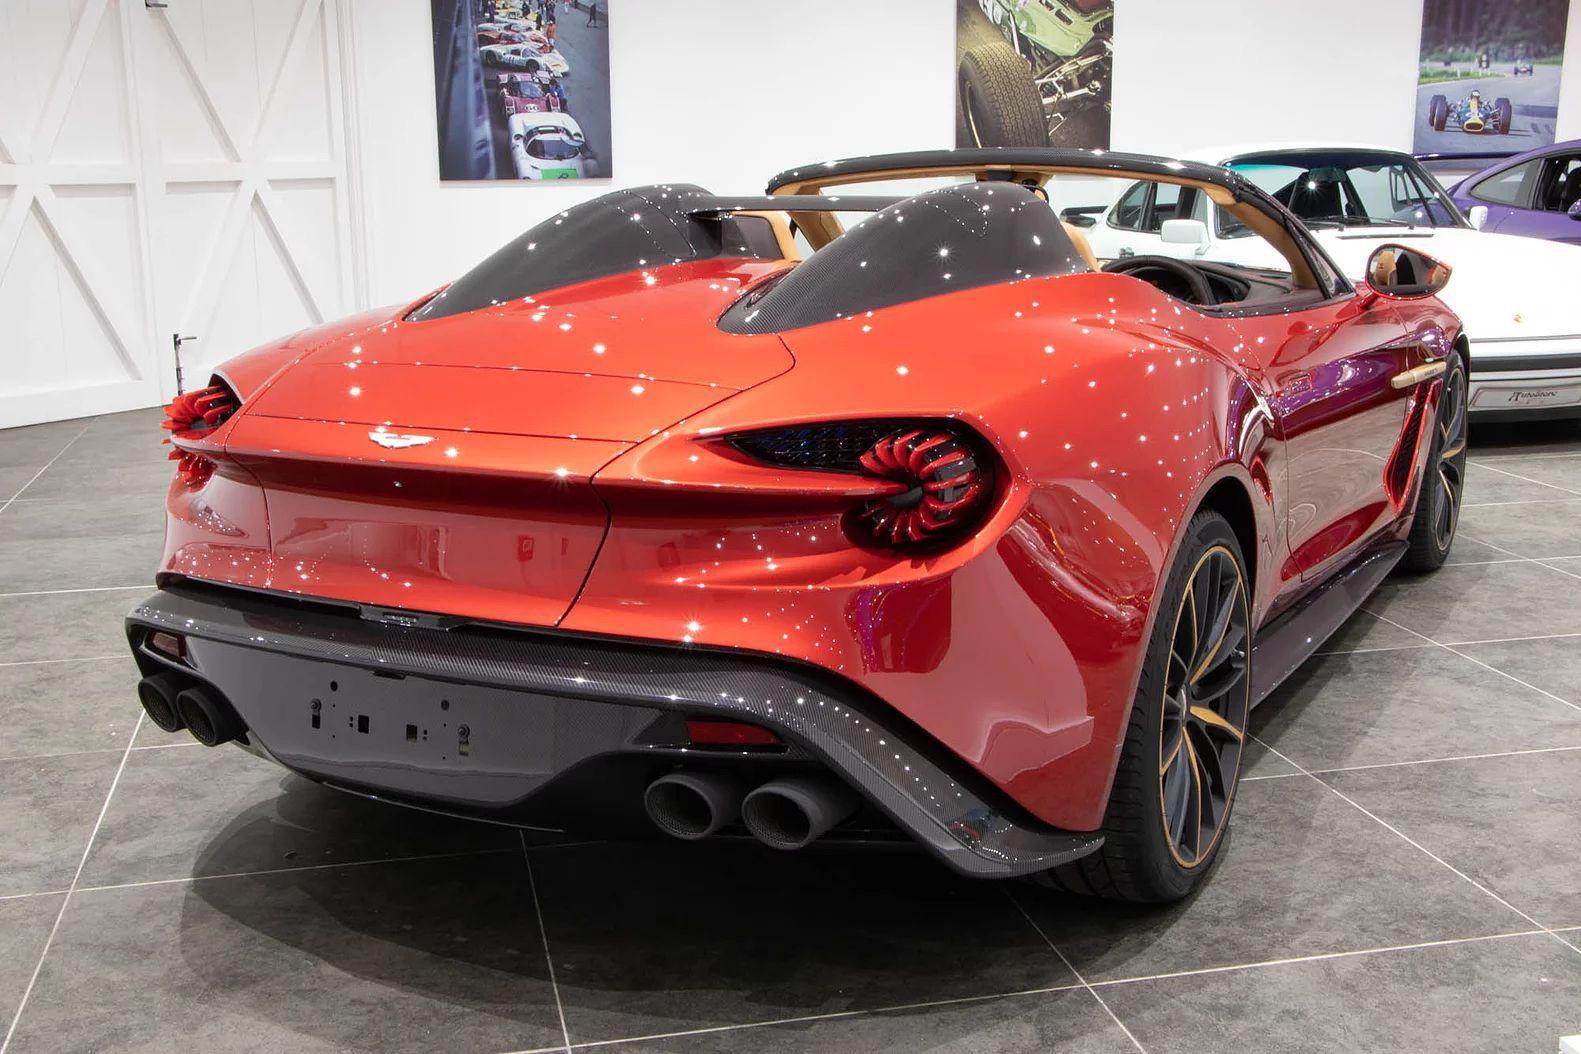 Aston_Martin_Vanquish_Speedster_sale-0002